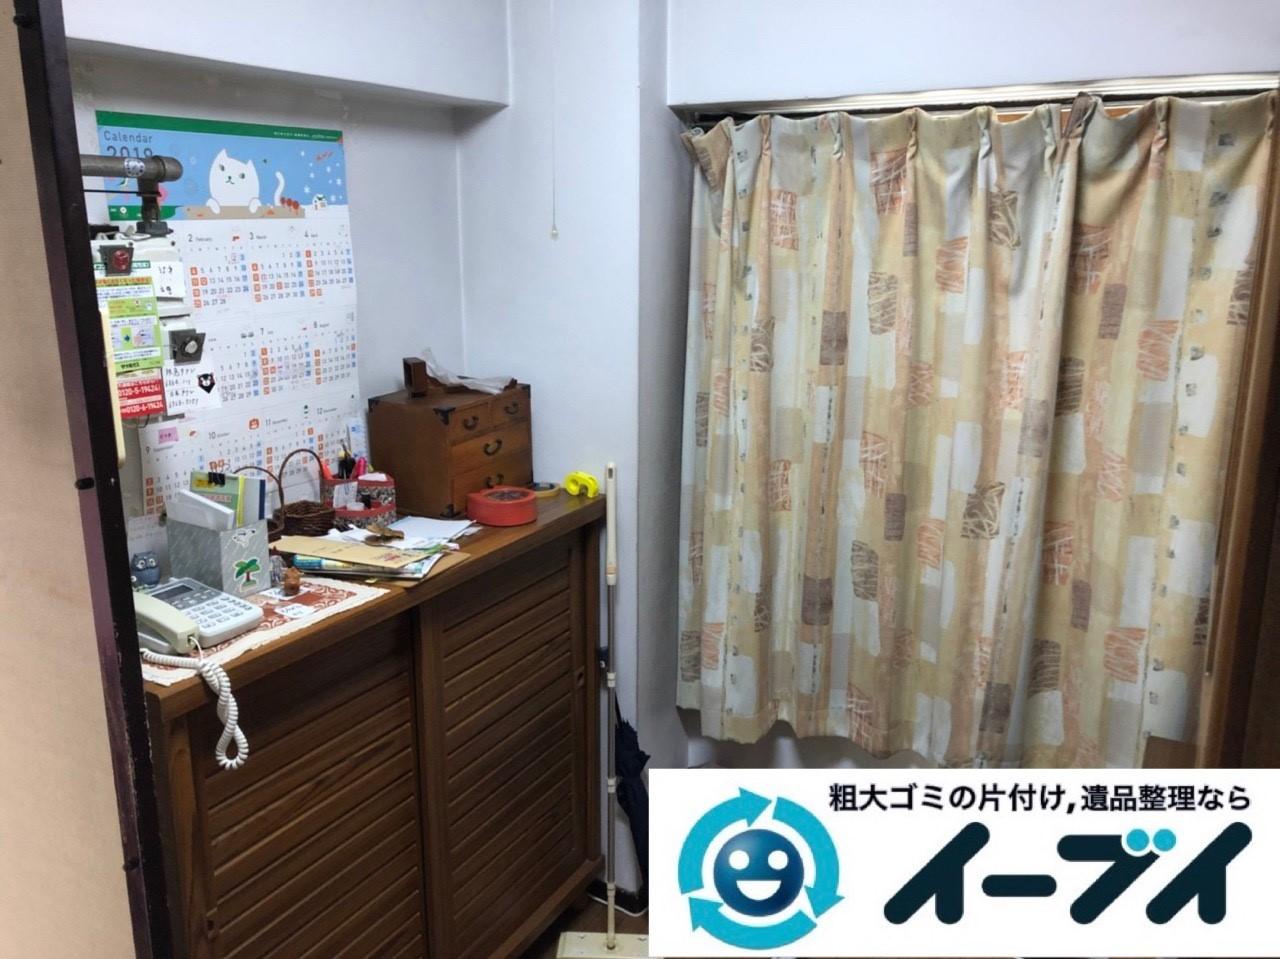 2018年12月13日大阪府大阪市福島区で転居に伴い食器棚や家電などの不用品回収。写真4